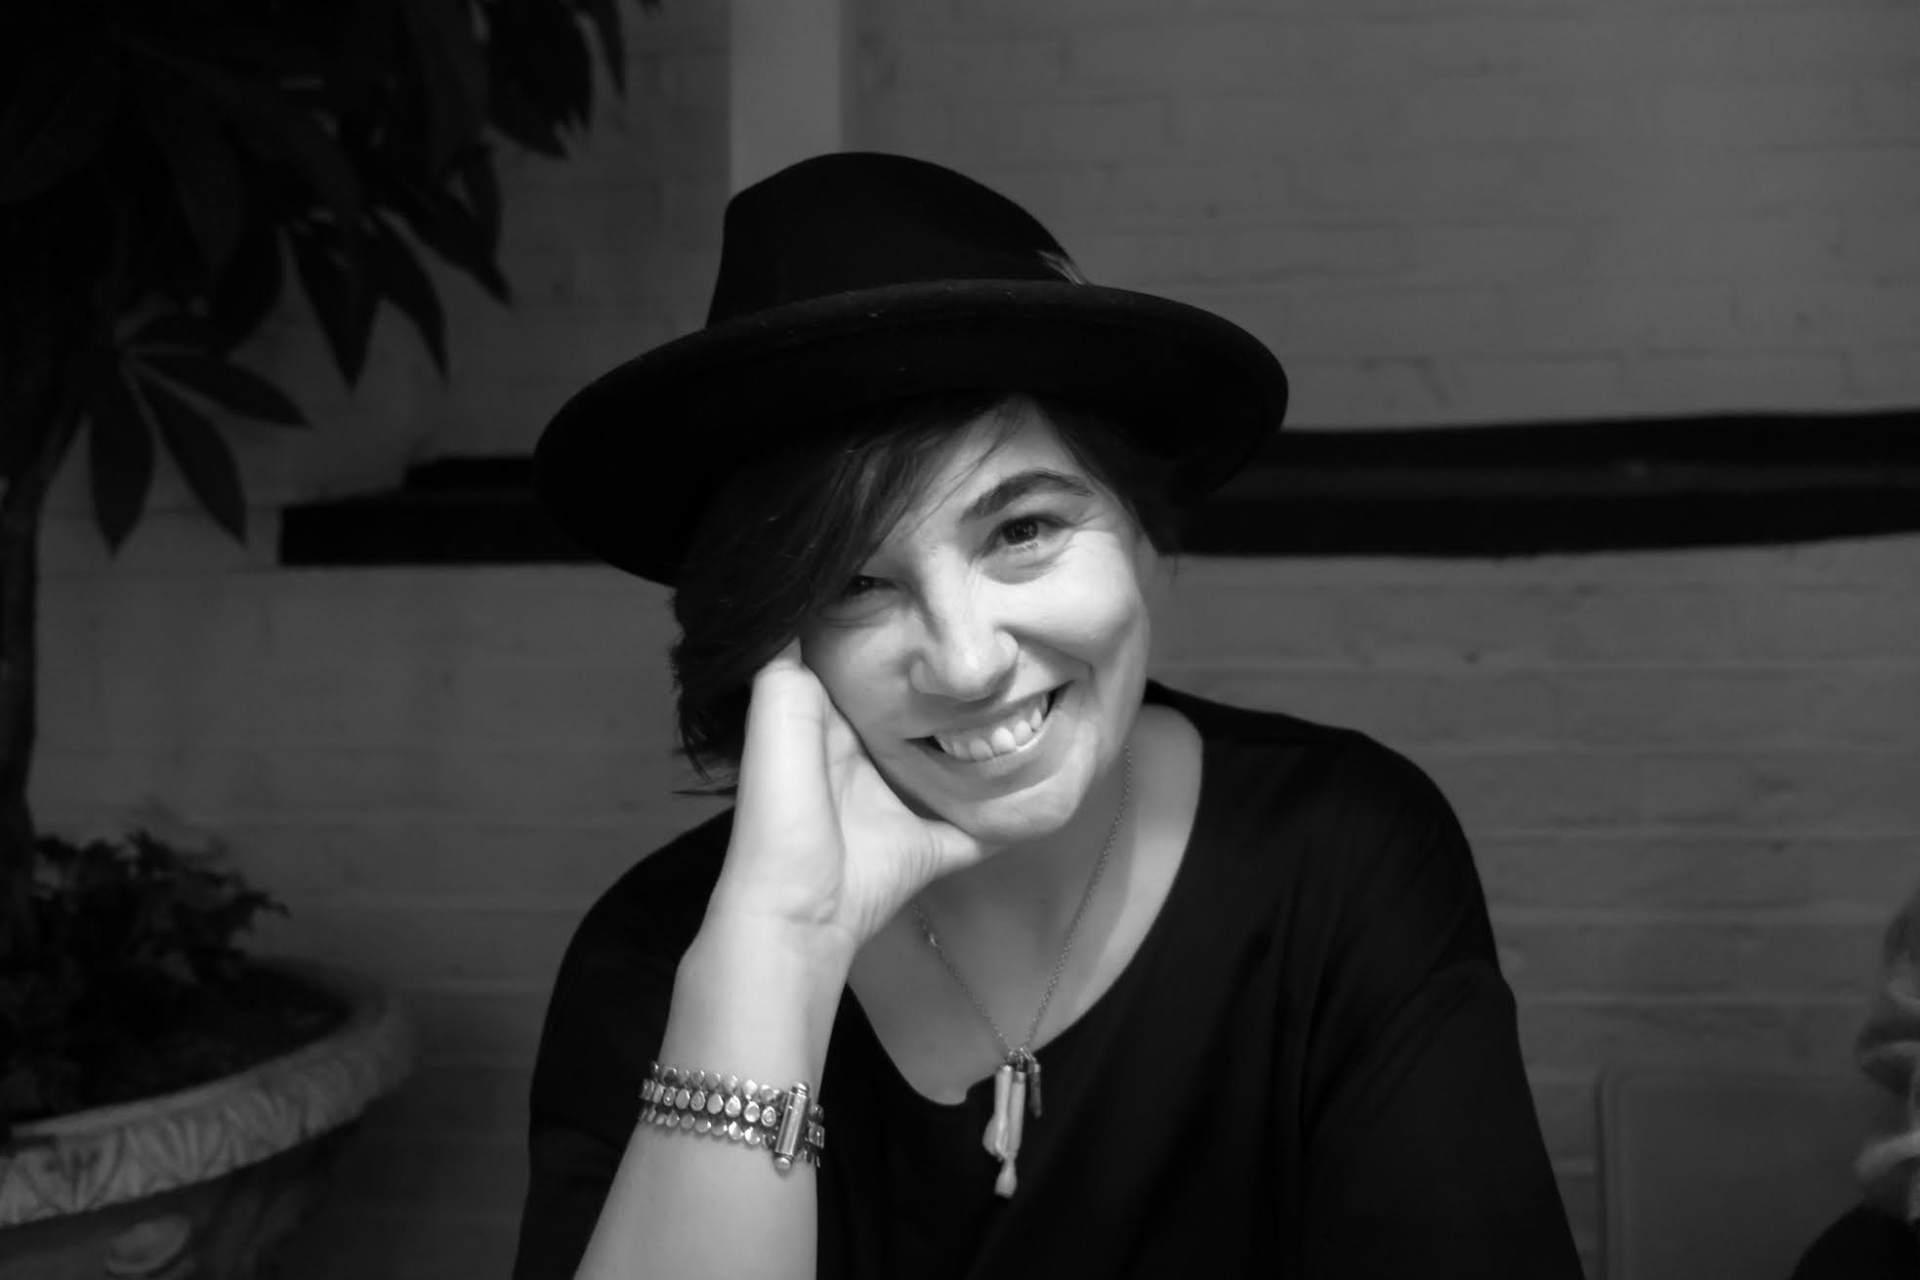 Dña. Cristina De Middel Puch